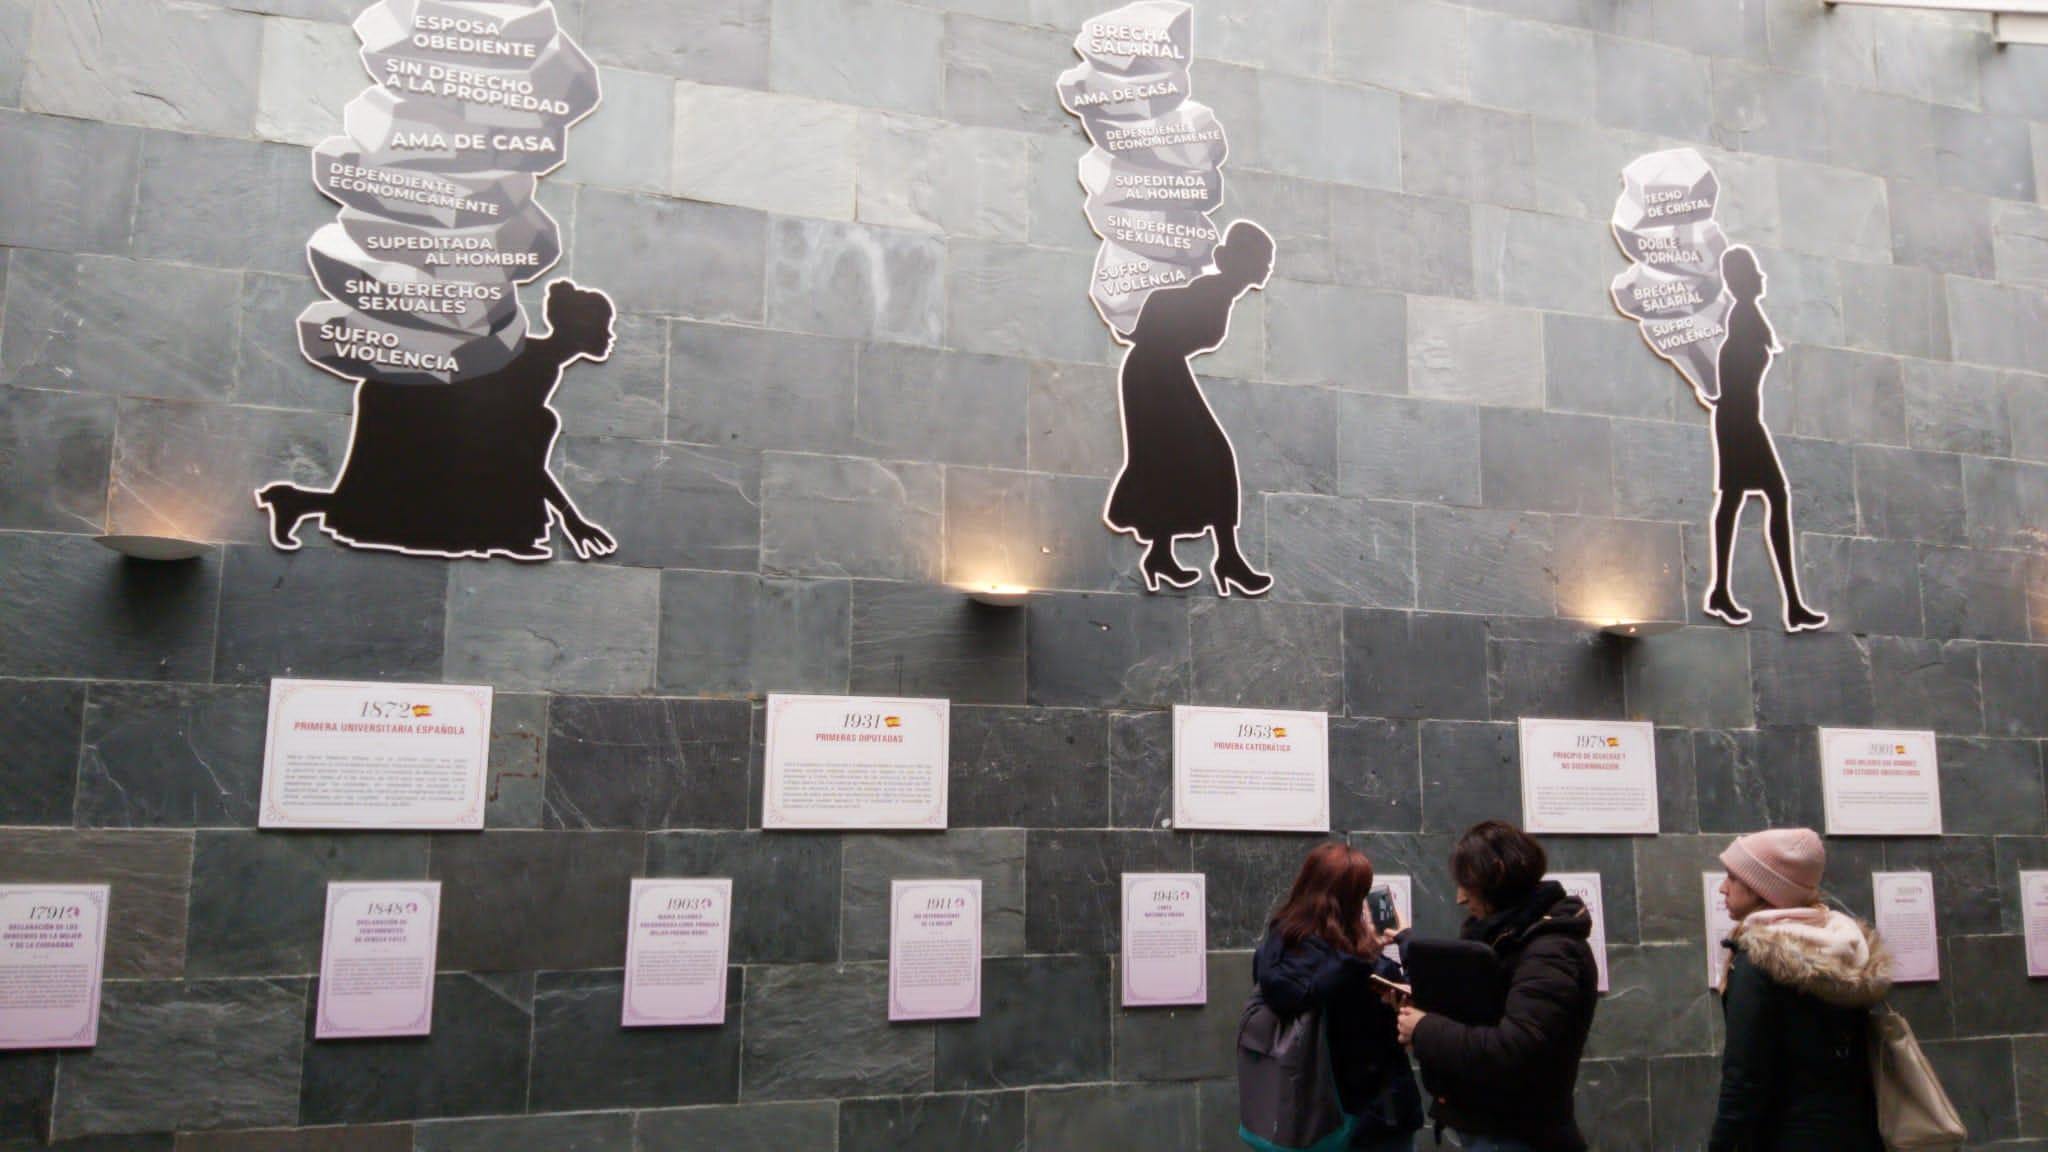 Imagen ODS URJC Acción sobre igualdad de género